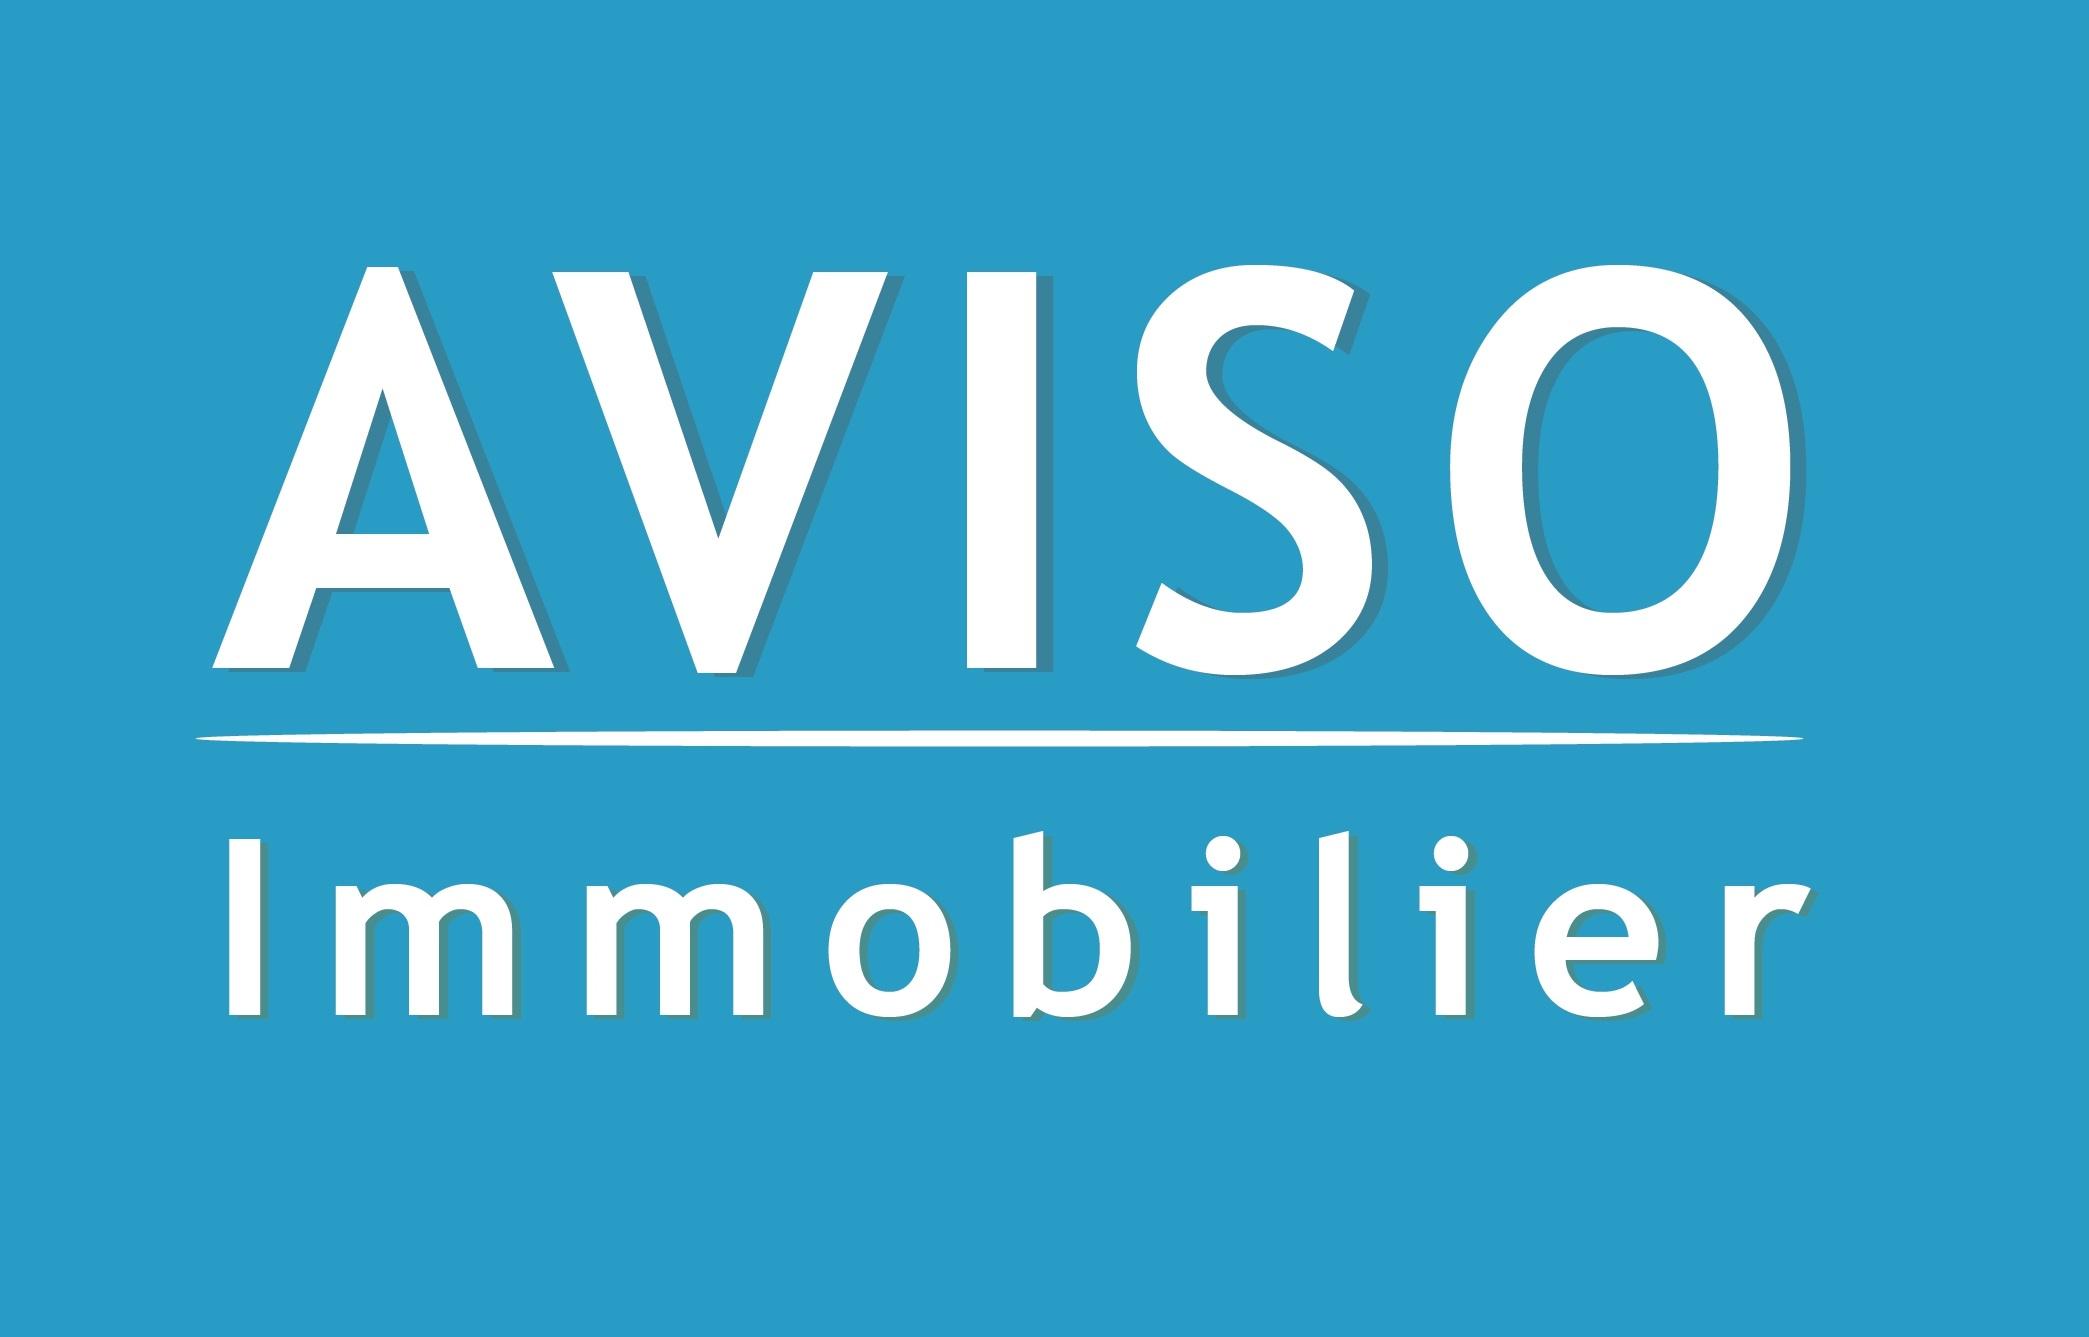 Aviso Immobilier agence immobilière Castelnau-le-Lez (34170)